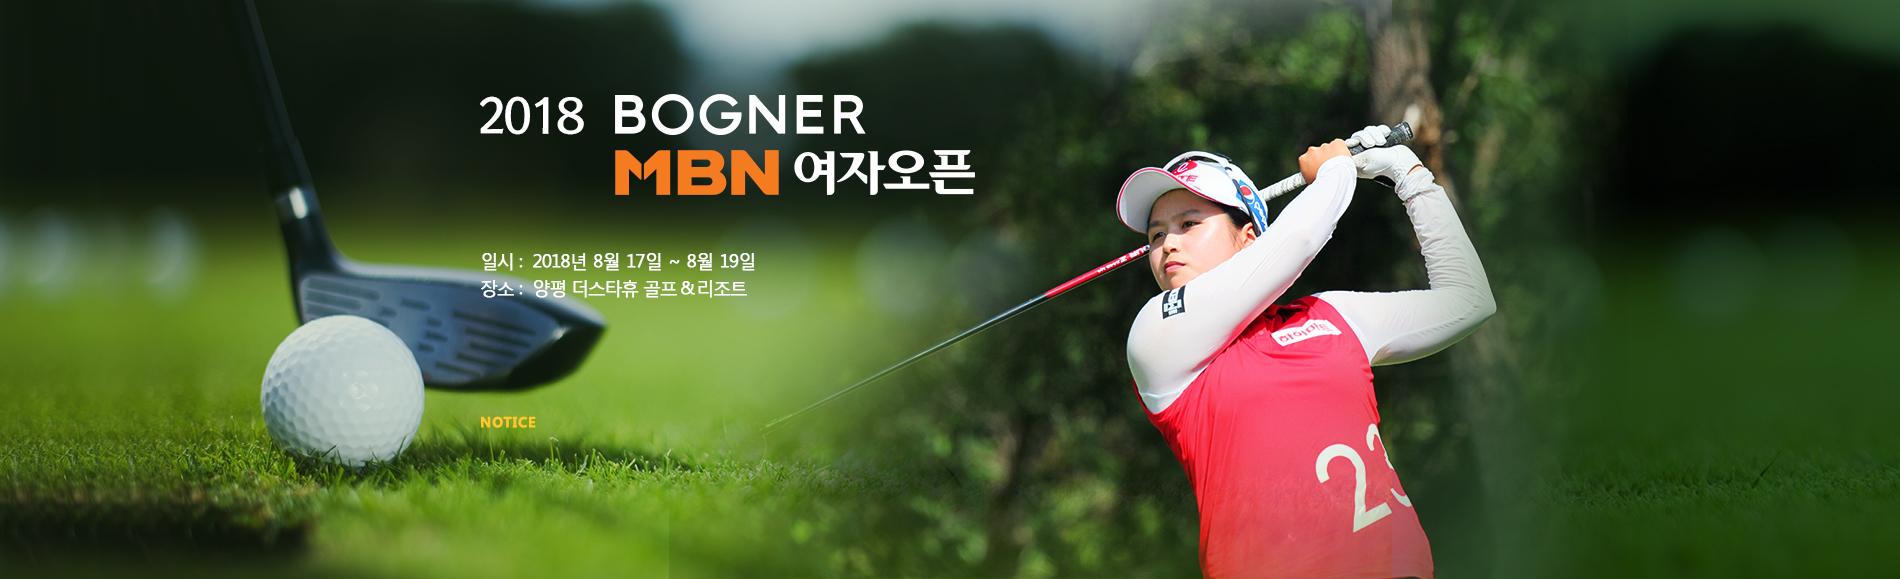 BOGNER MBN 여자오픈 일시 : 2018년 8월 17일 ~ 8월 19일, 장소 : 양평 더스타휴 골프 & 리조트